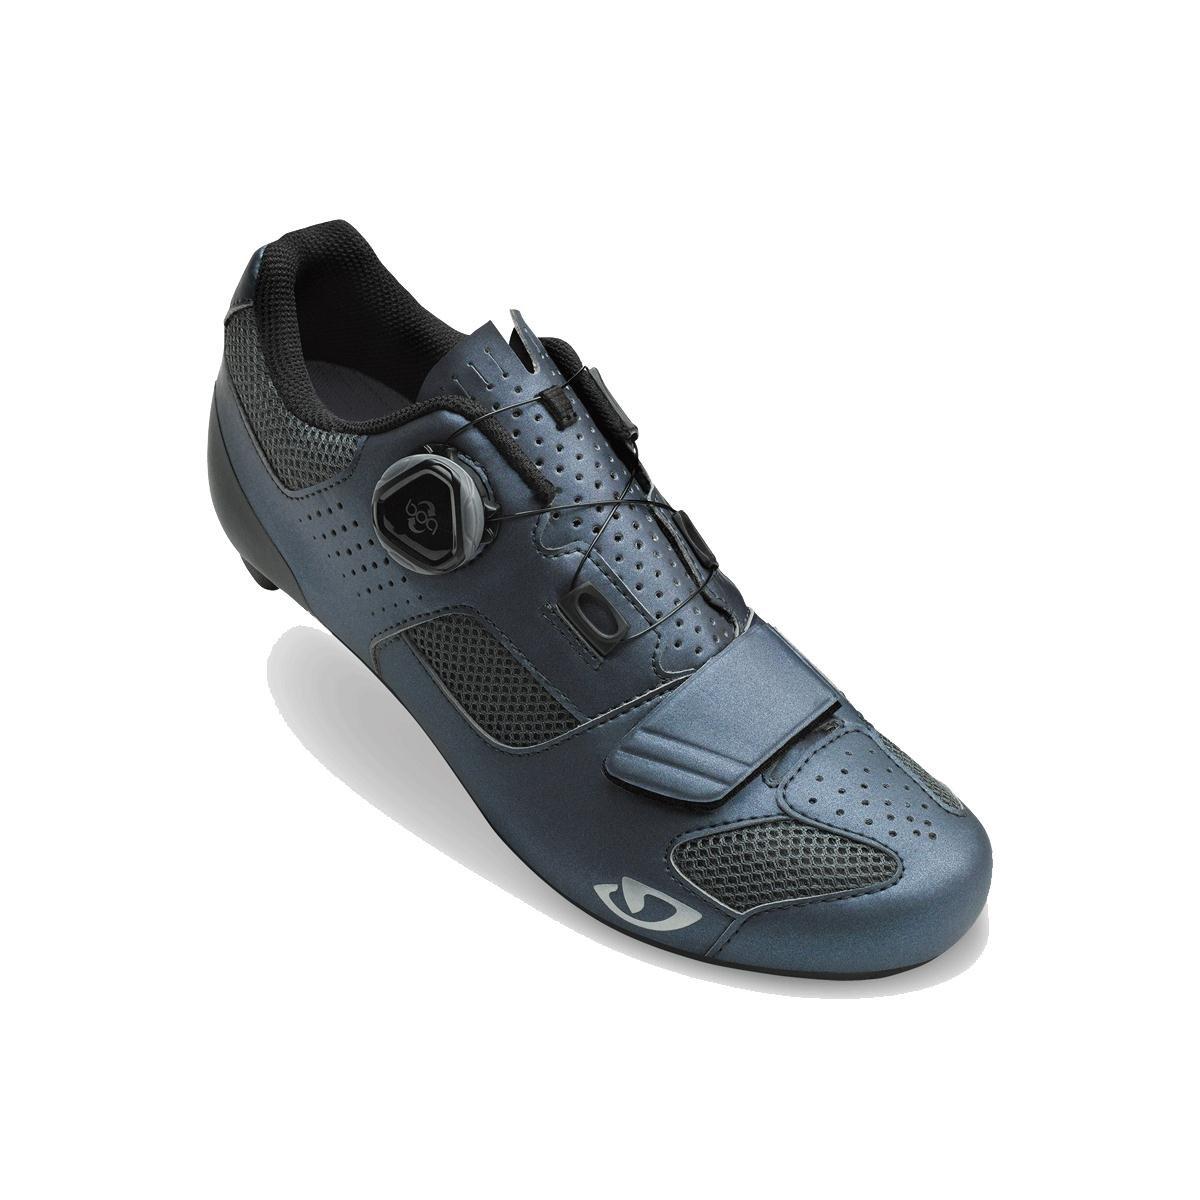 Giro 2018レディースEspada Boaサイクリング靴 – メタリックチャコール/シルバー 38.5 Metallic Charcoal/Silver B076B6LS13